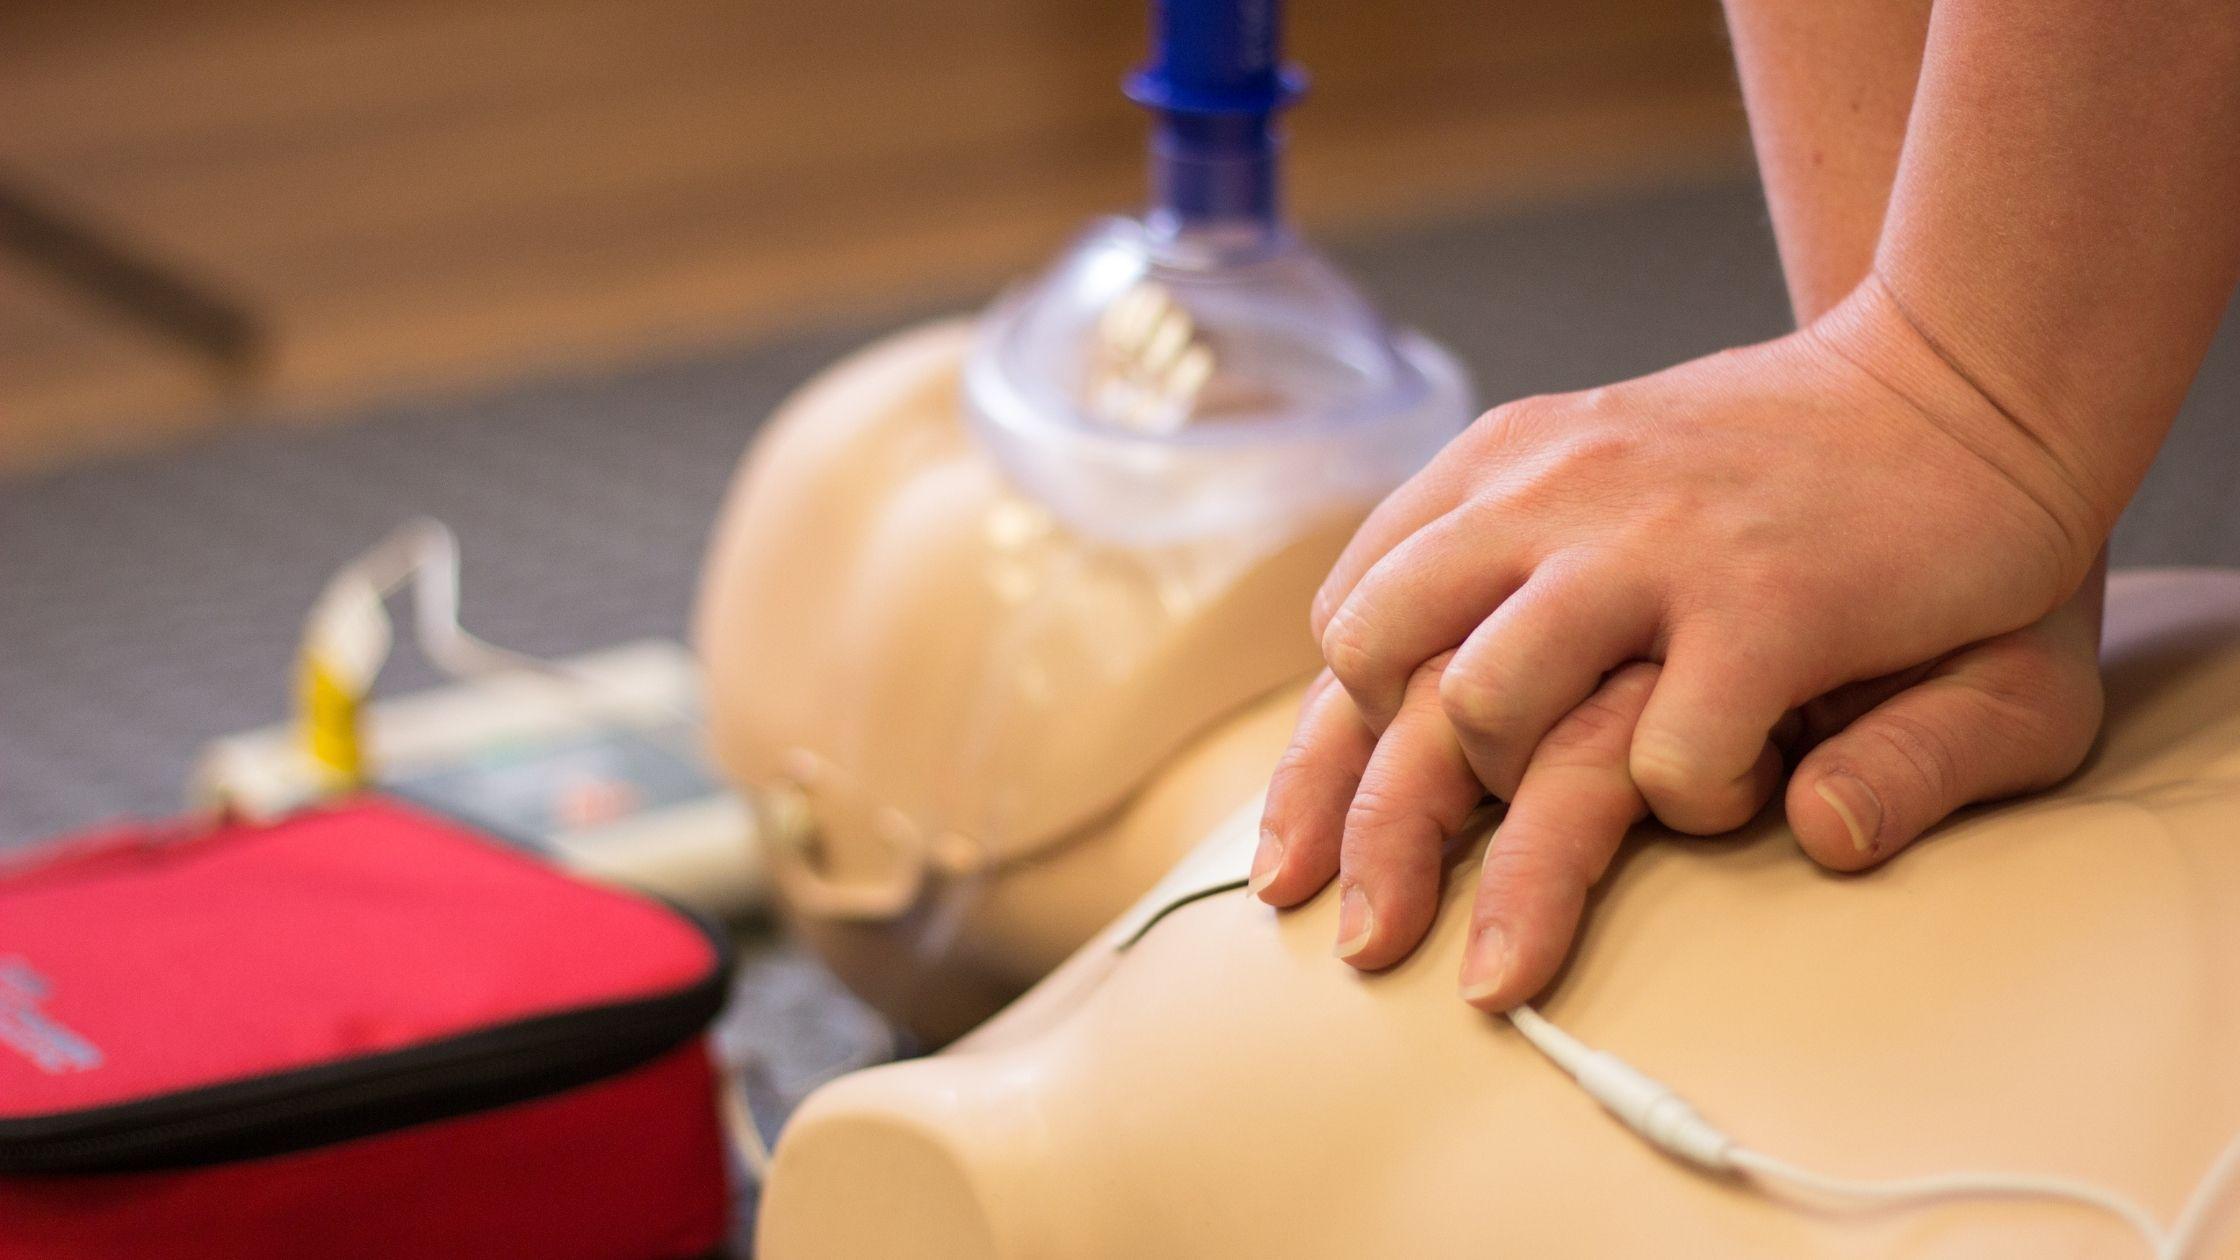 primo-soccorso-formazione-aggiornamento